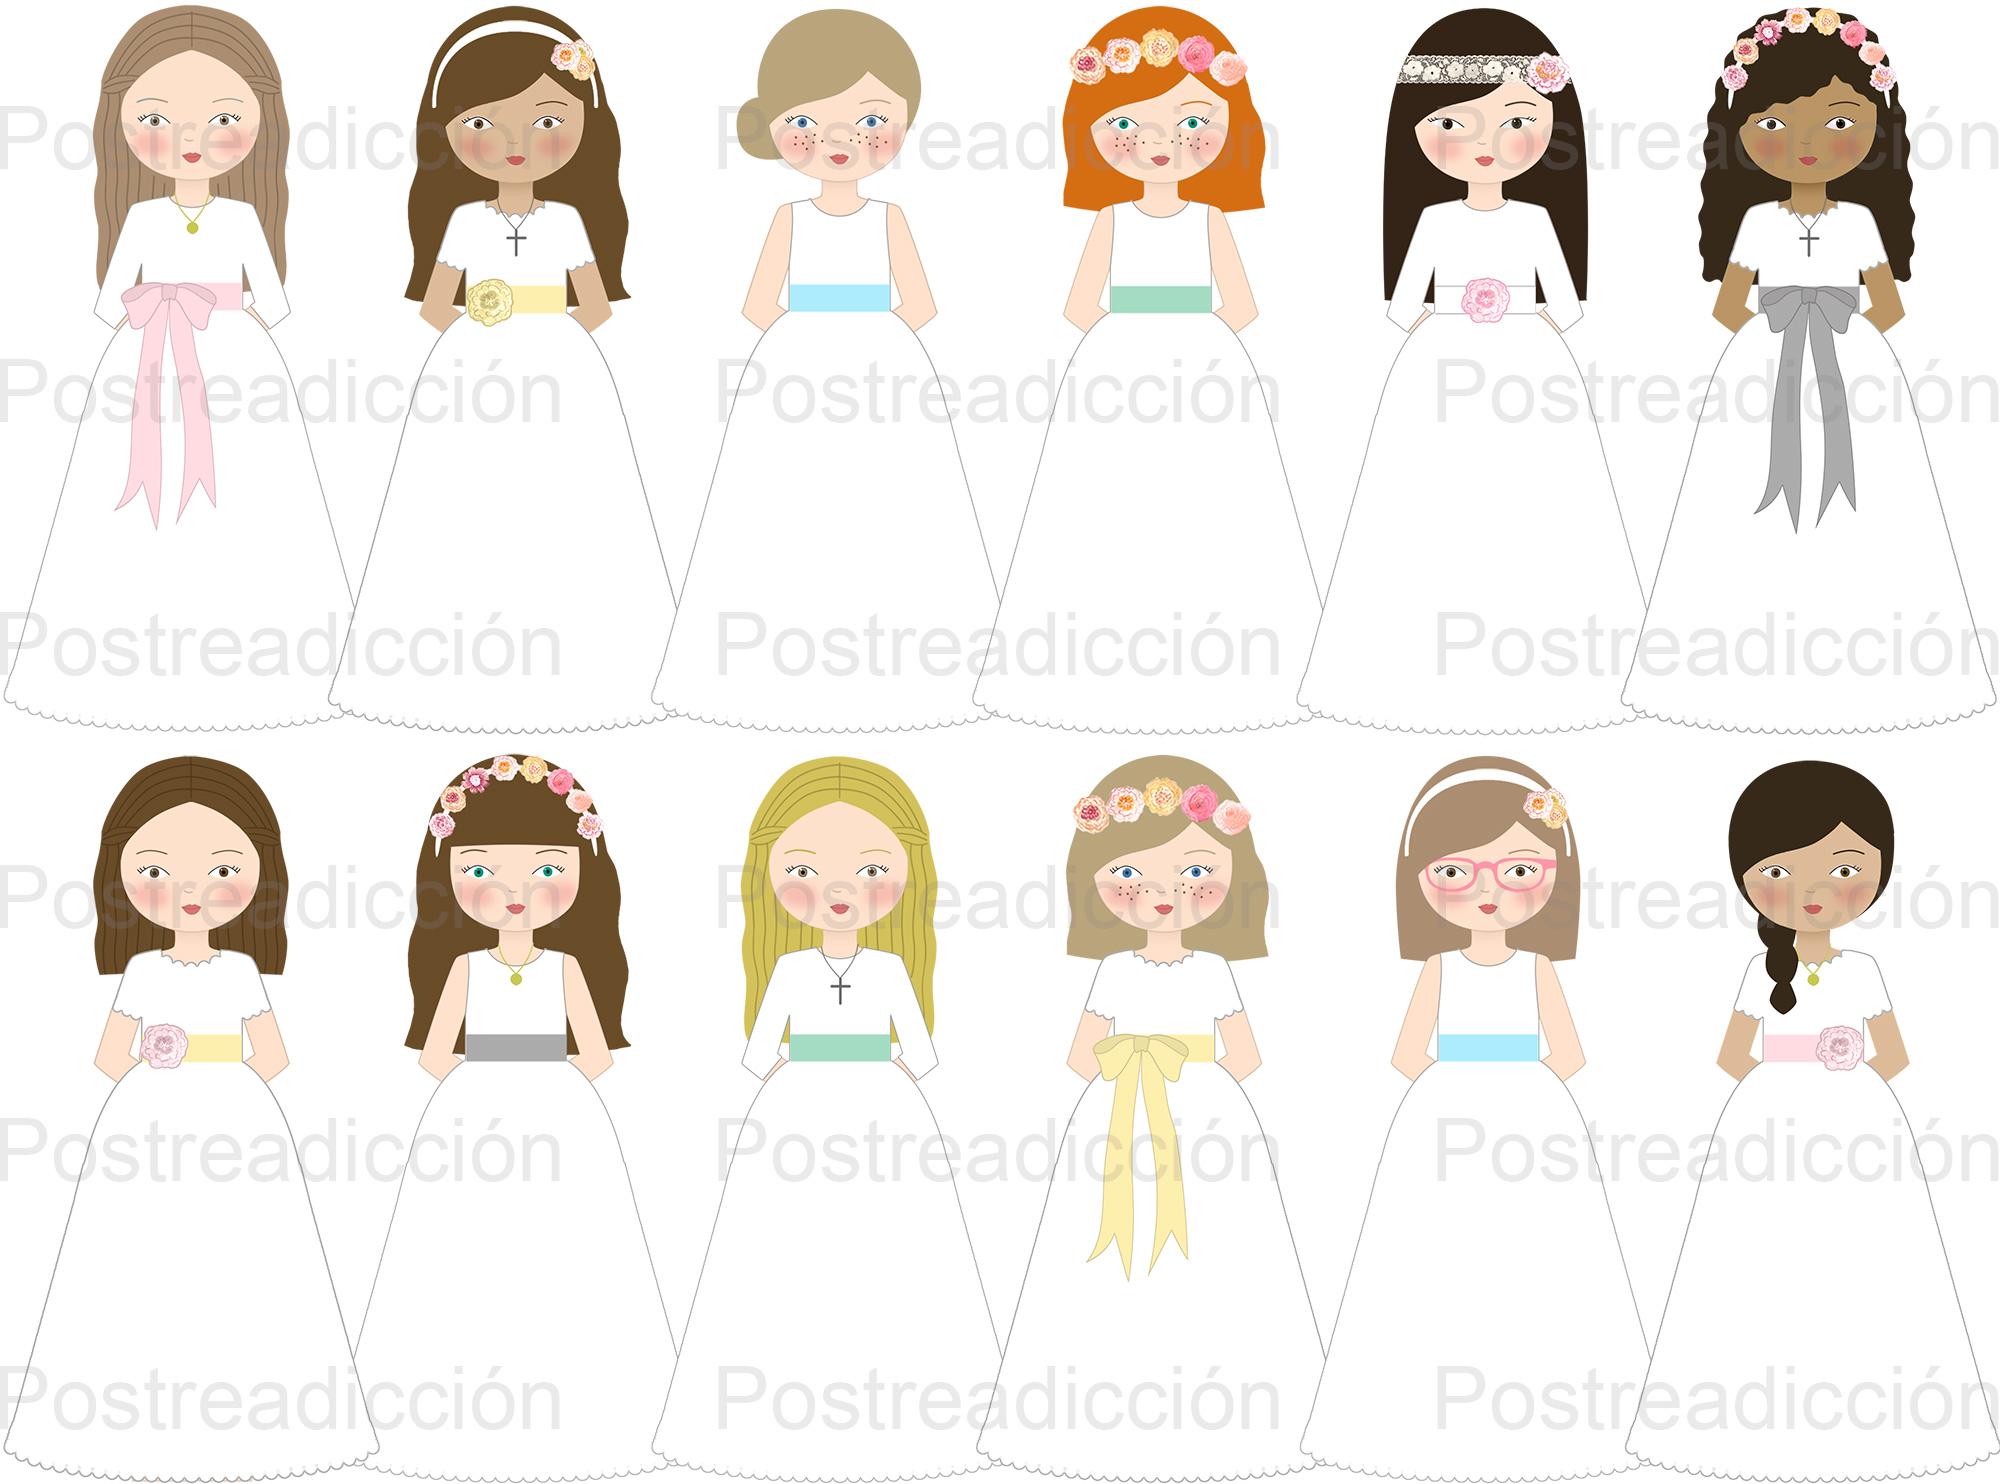 Imagen de producto: https://tienda.postreadiccion.com/img/articulos/secundarias141-kit-imprimible-de-comunion-carlota-circulos-crema-4.jpg